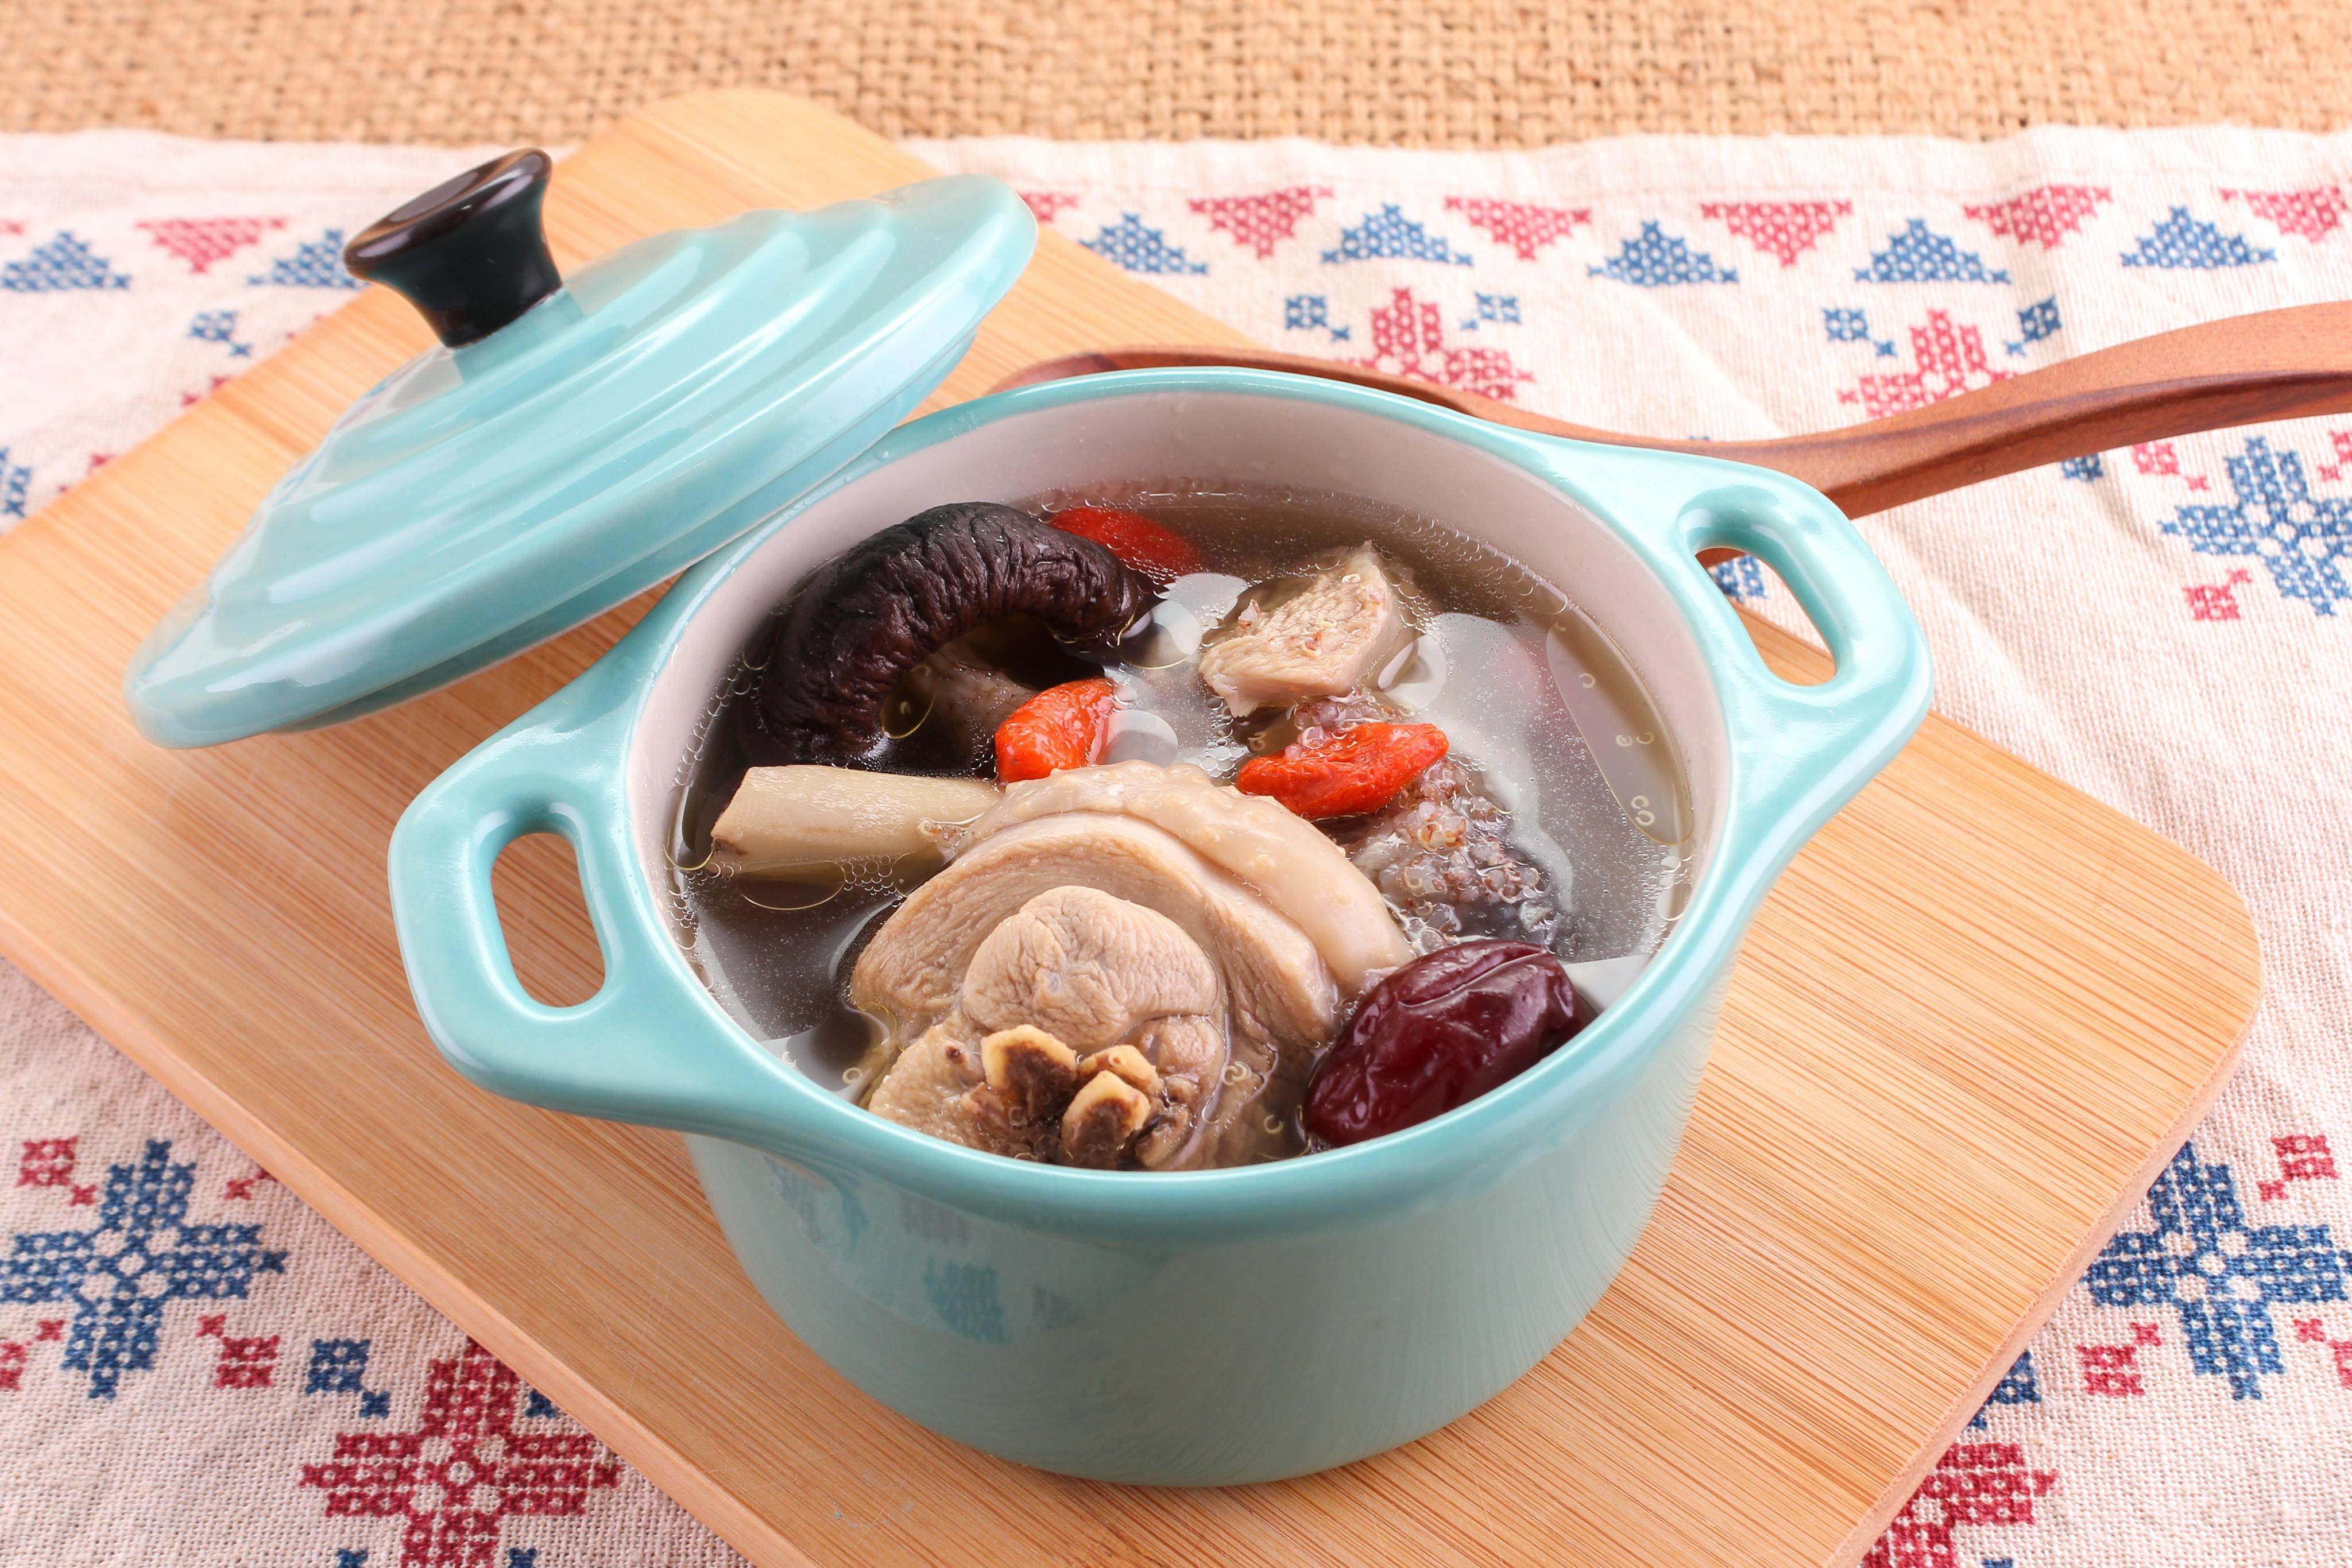 【厚生廚房】紅藜蔘雞湯